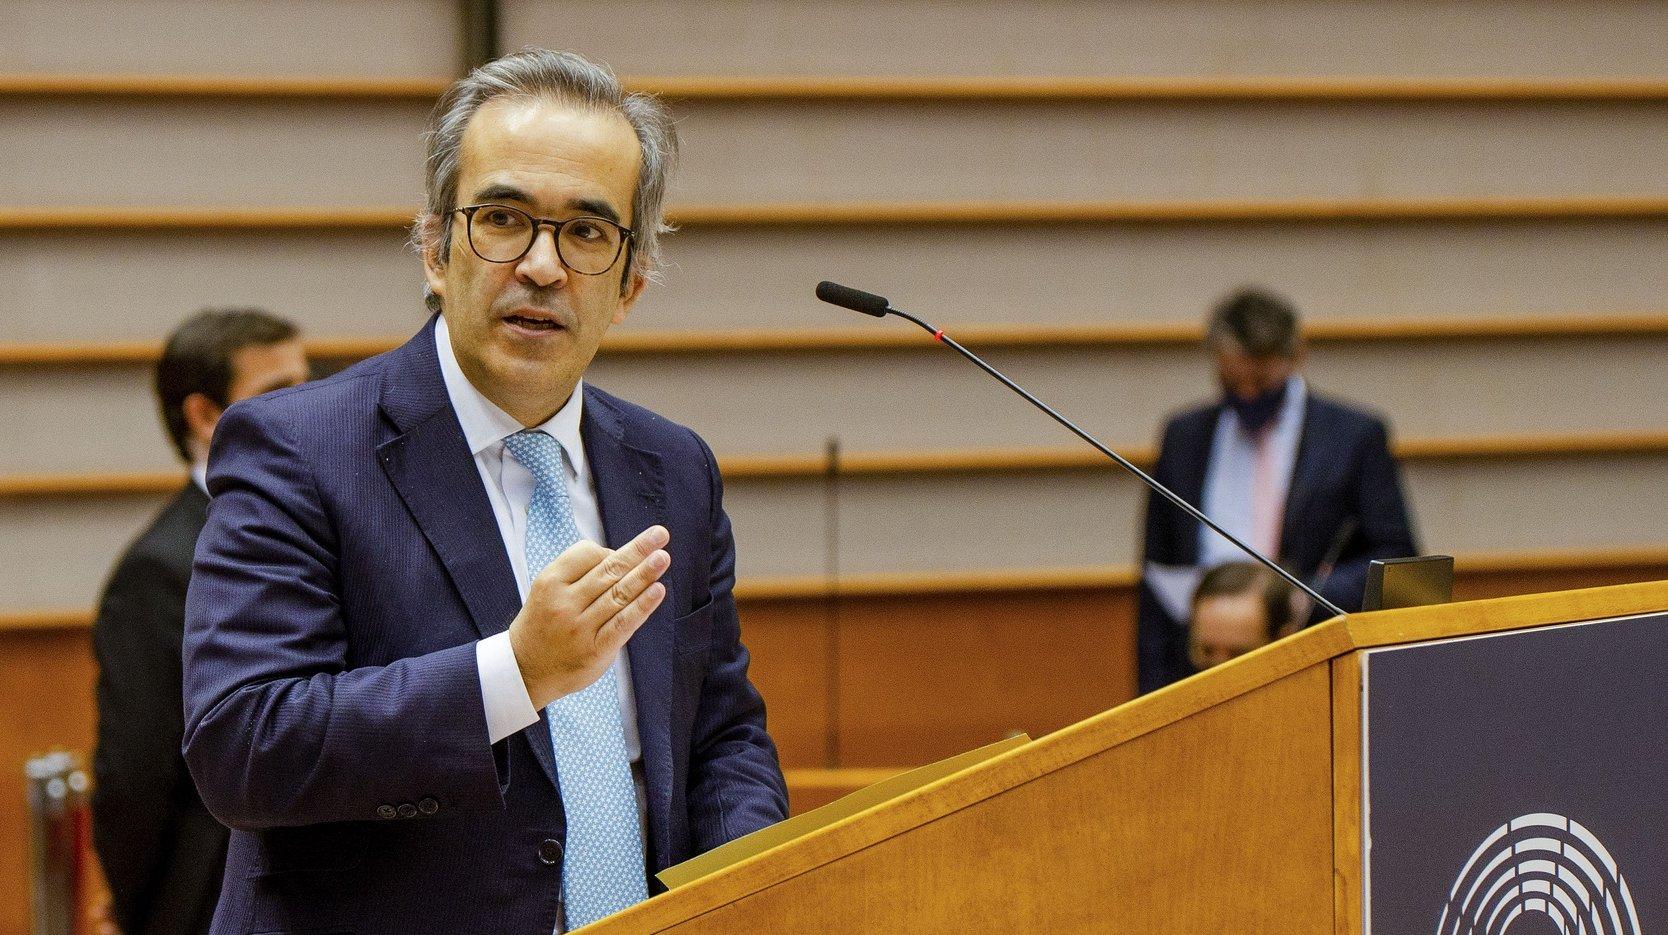 O eurodeputado pelo Partido Social Democrata (PSD) Paulo Rangel intervém no debate sobre o ponto da situação relativamente à estratégia da UE em matéria de vacinação contra a covid-19, no Parlamento Europeu, em Bruxelas, Bélgica, 10 de fevereiro de 2021. TONY DA SILVA/LUSA